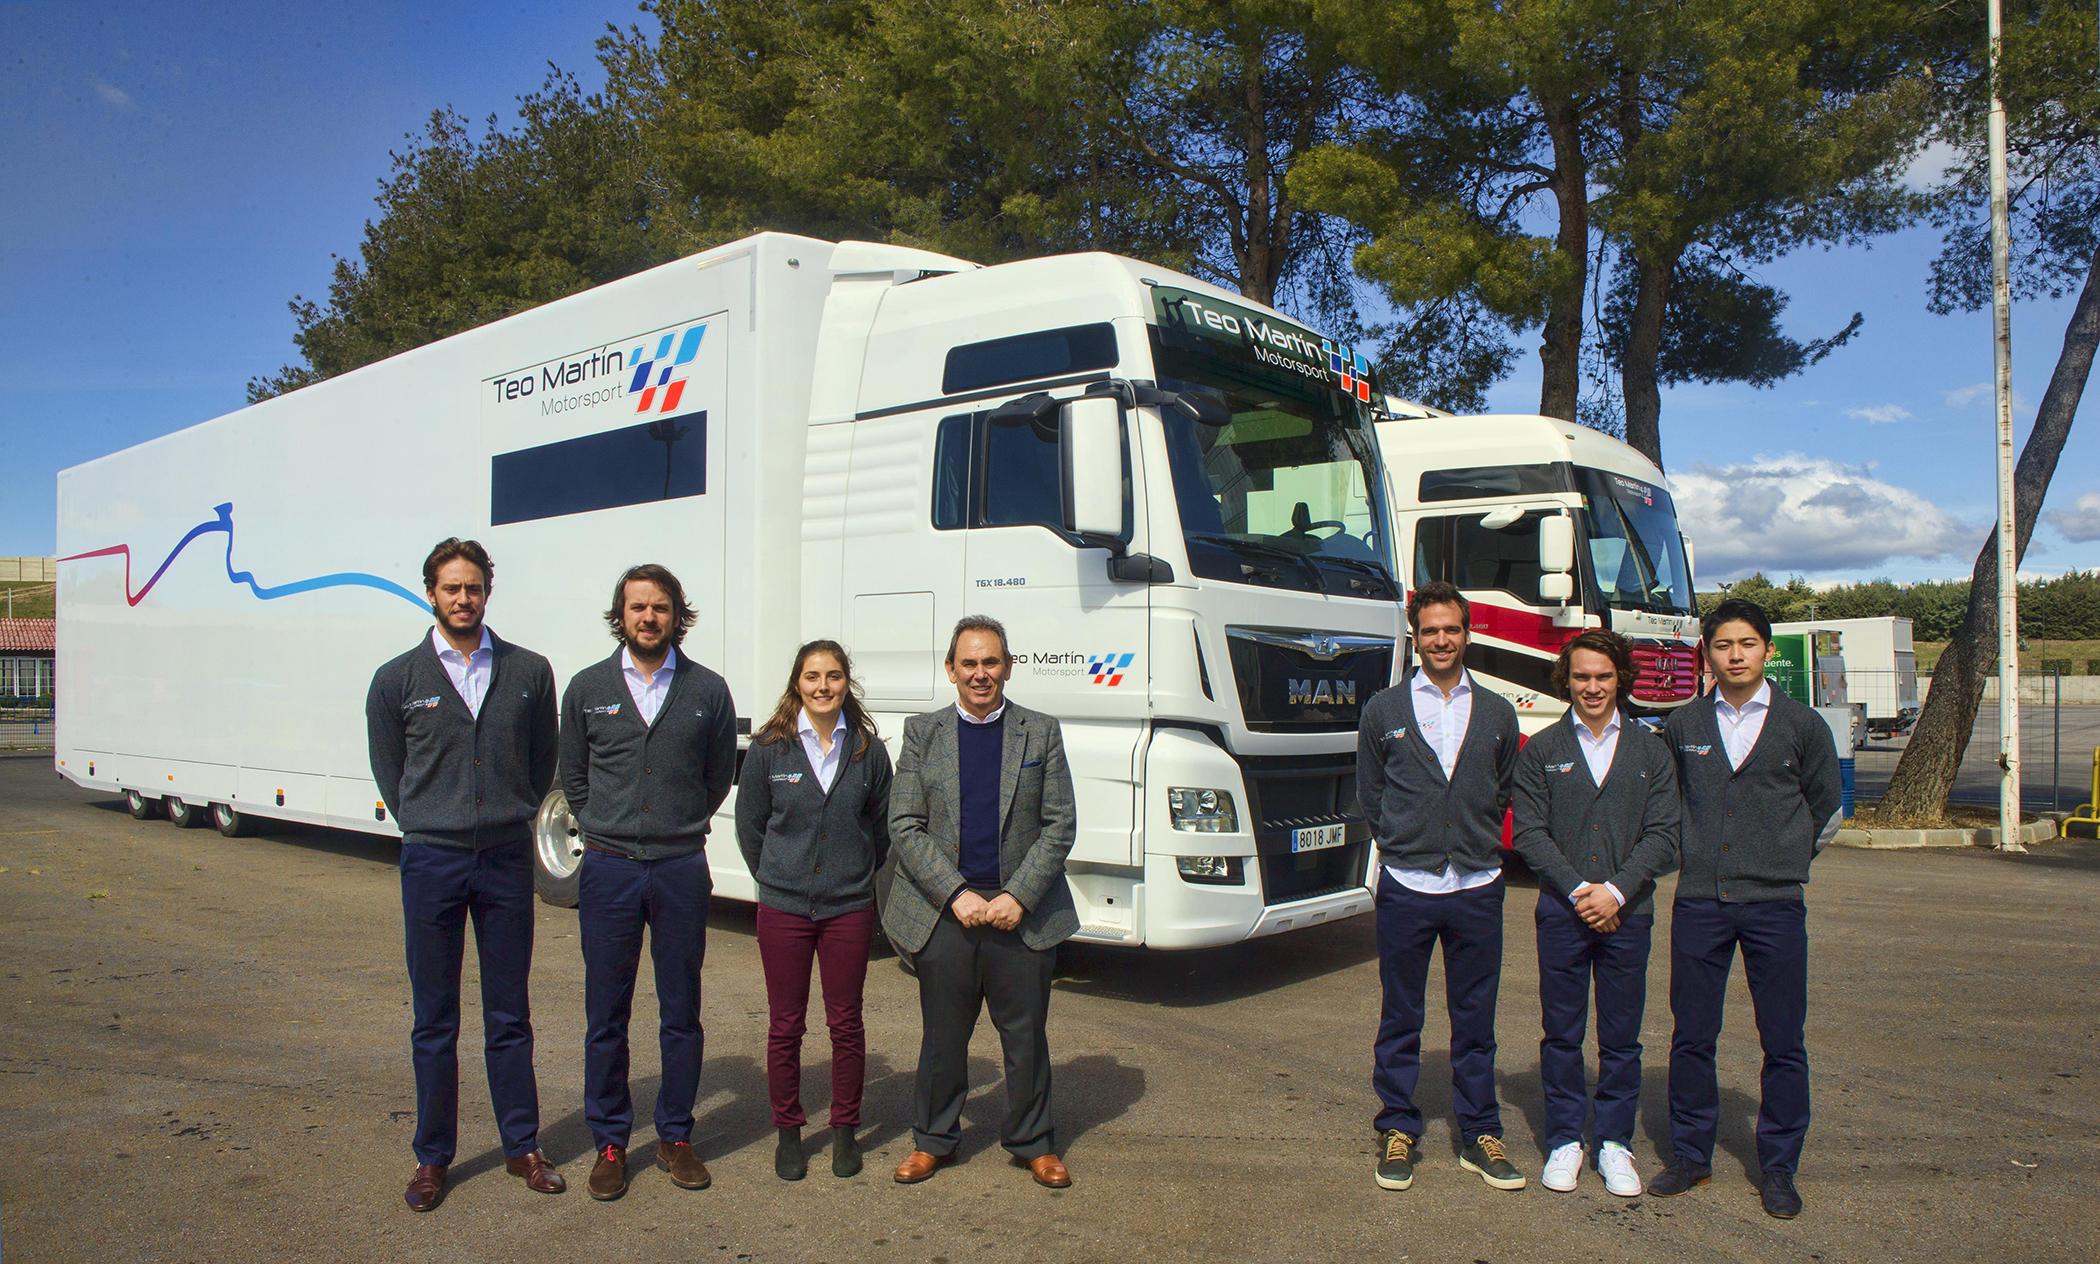 El equipo de velocidad en circuito Teo Martin adquiere tres tractoras MAN TGX.